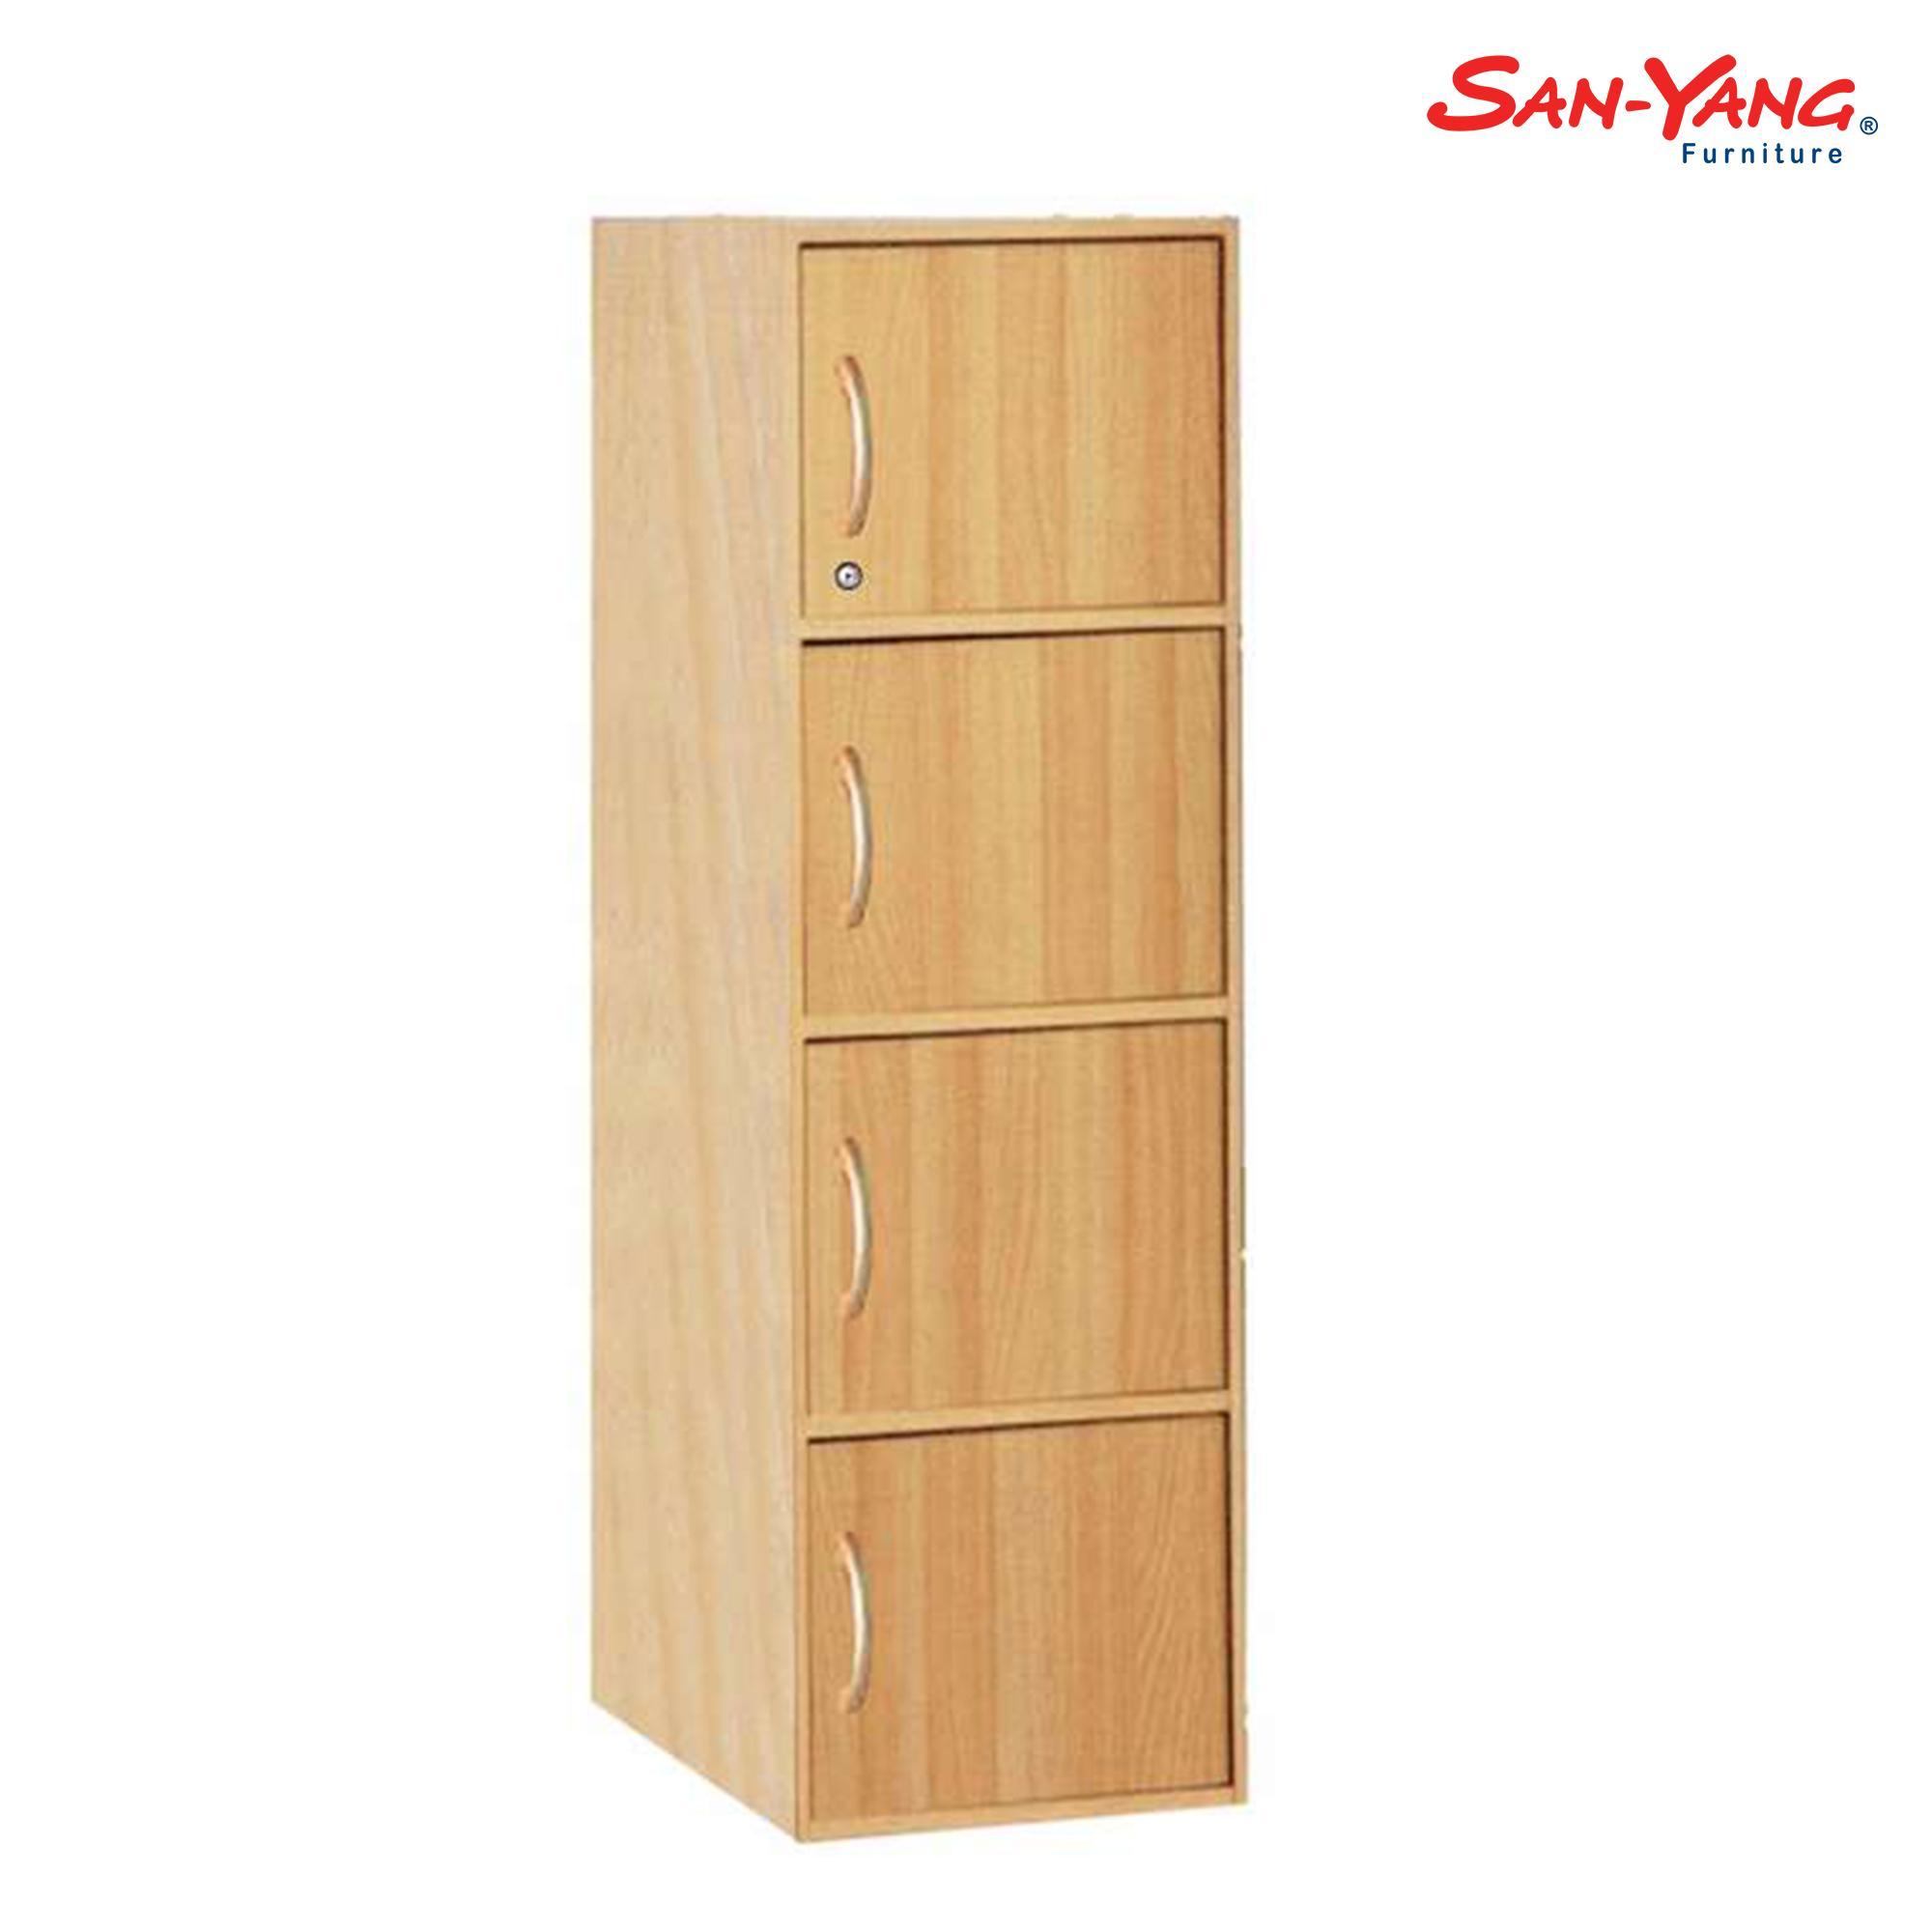 San-Yang Color Box Fcb4d Sy By San-Yang Furniture.